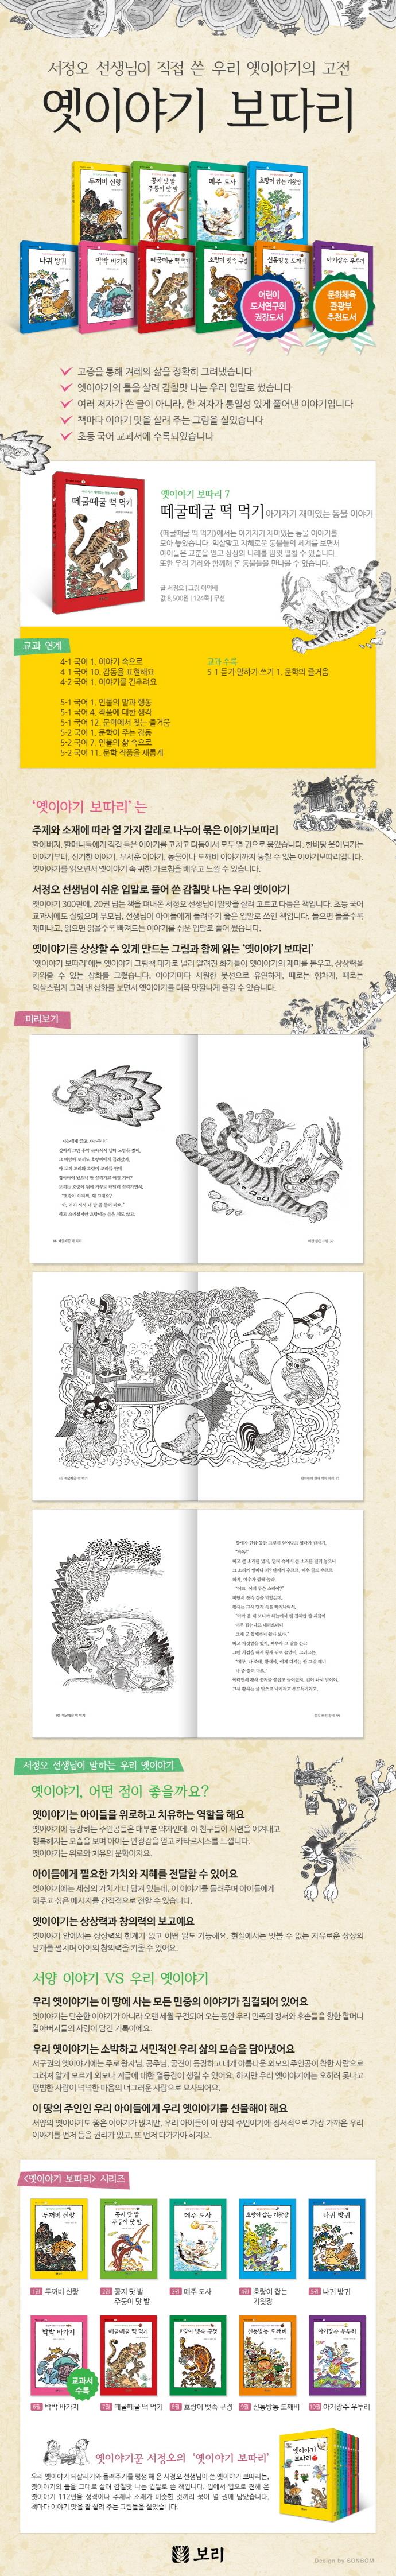 떼굴떼굴 떡 먹기(옛이야기 보따리 7) 도서 상세이미지